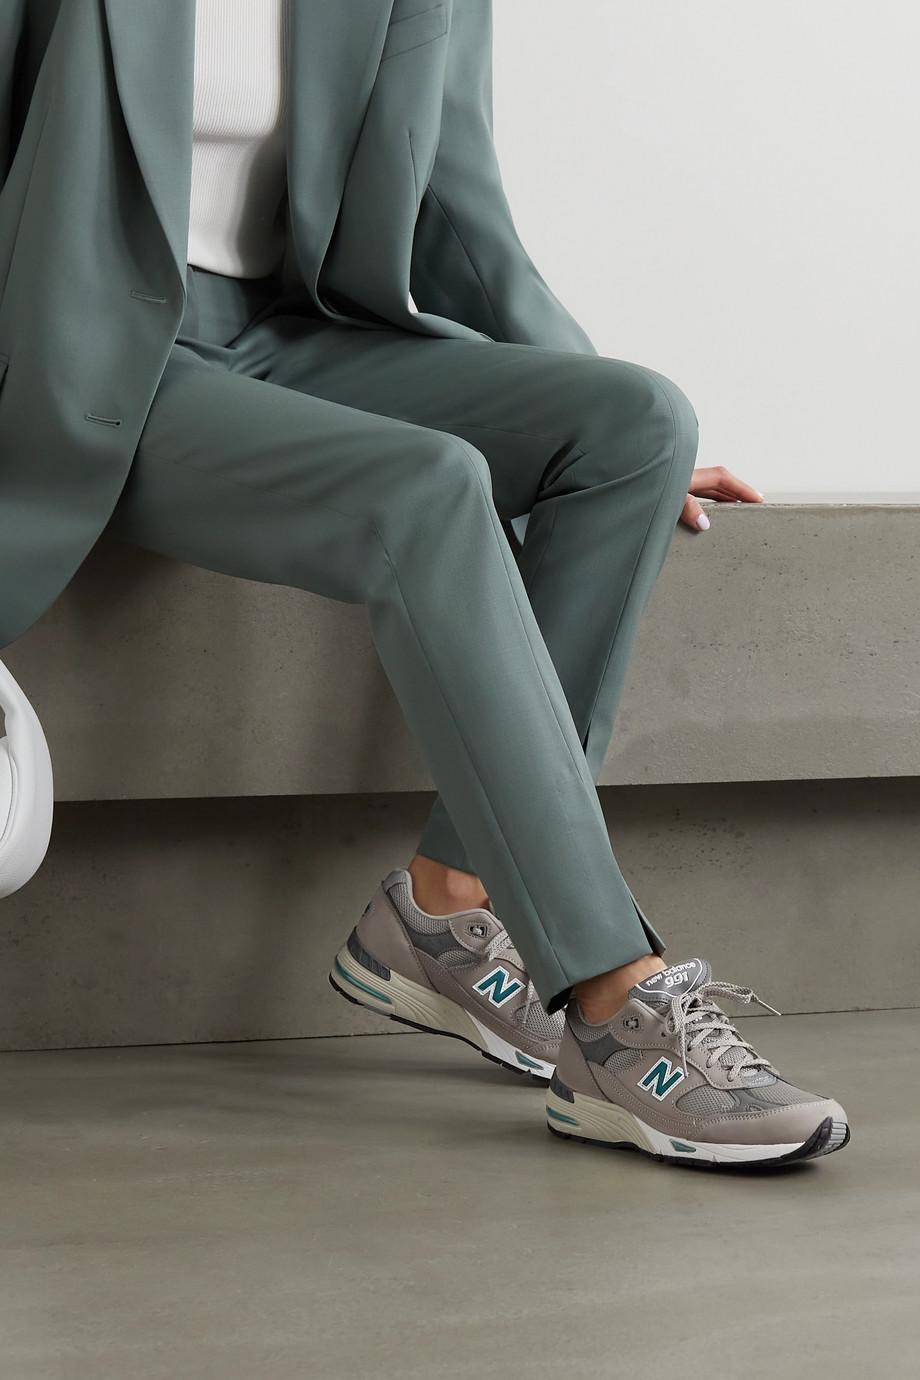 New Balance Baskets en nubuck, résille et cuir 991